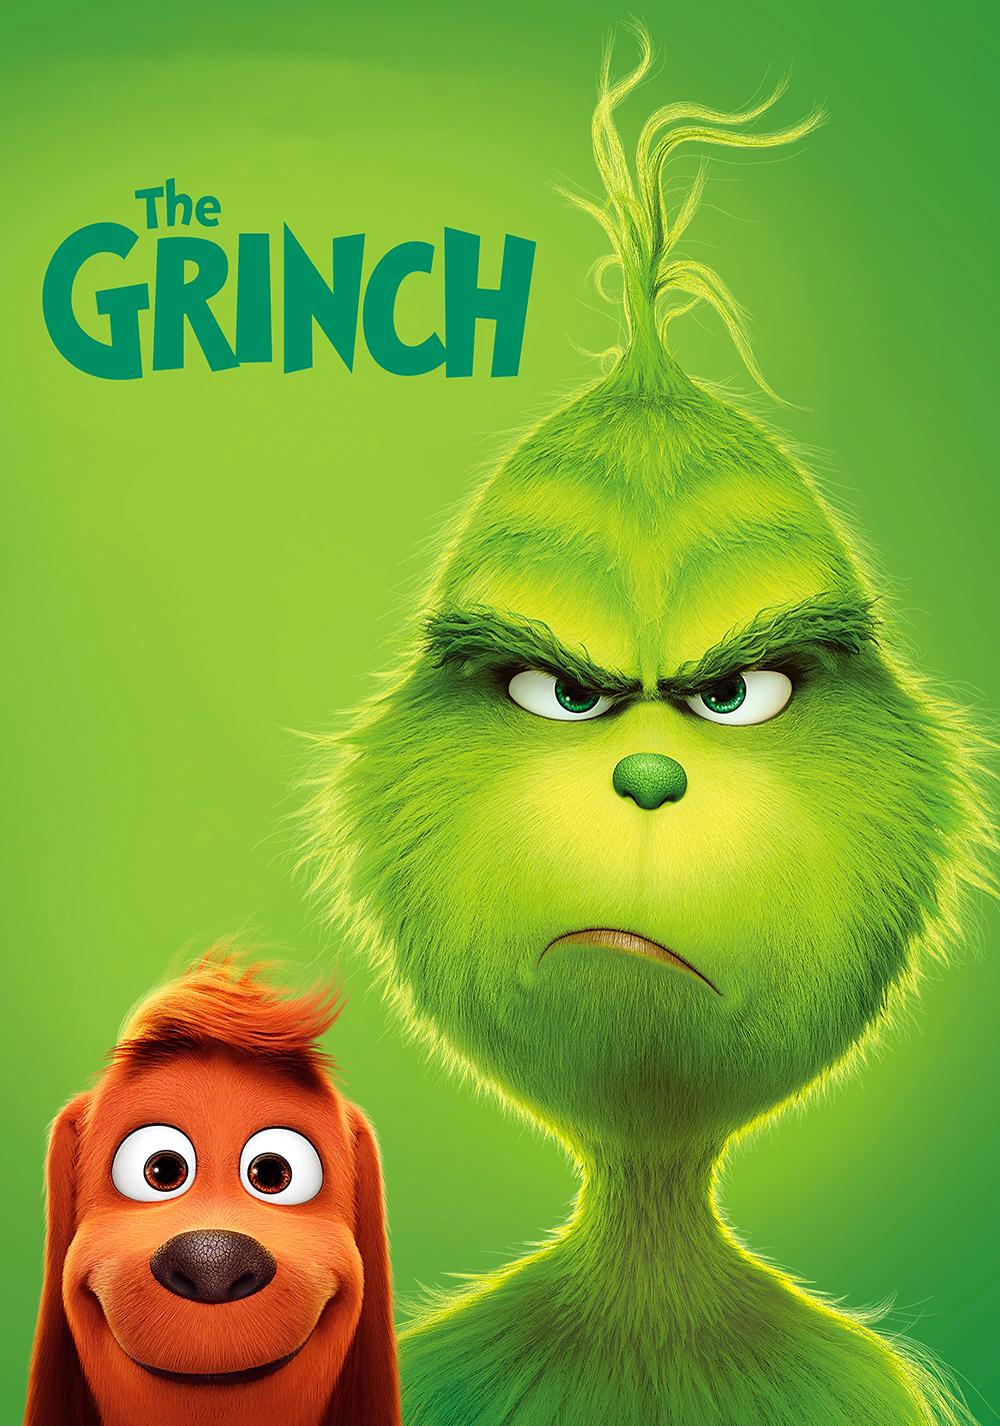 Grinch Film